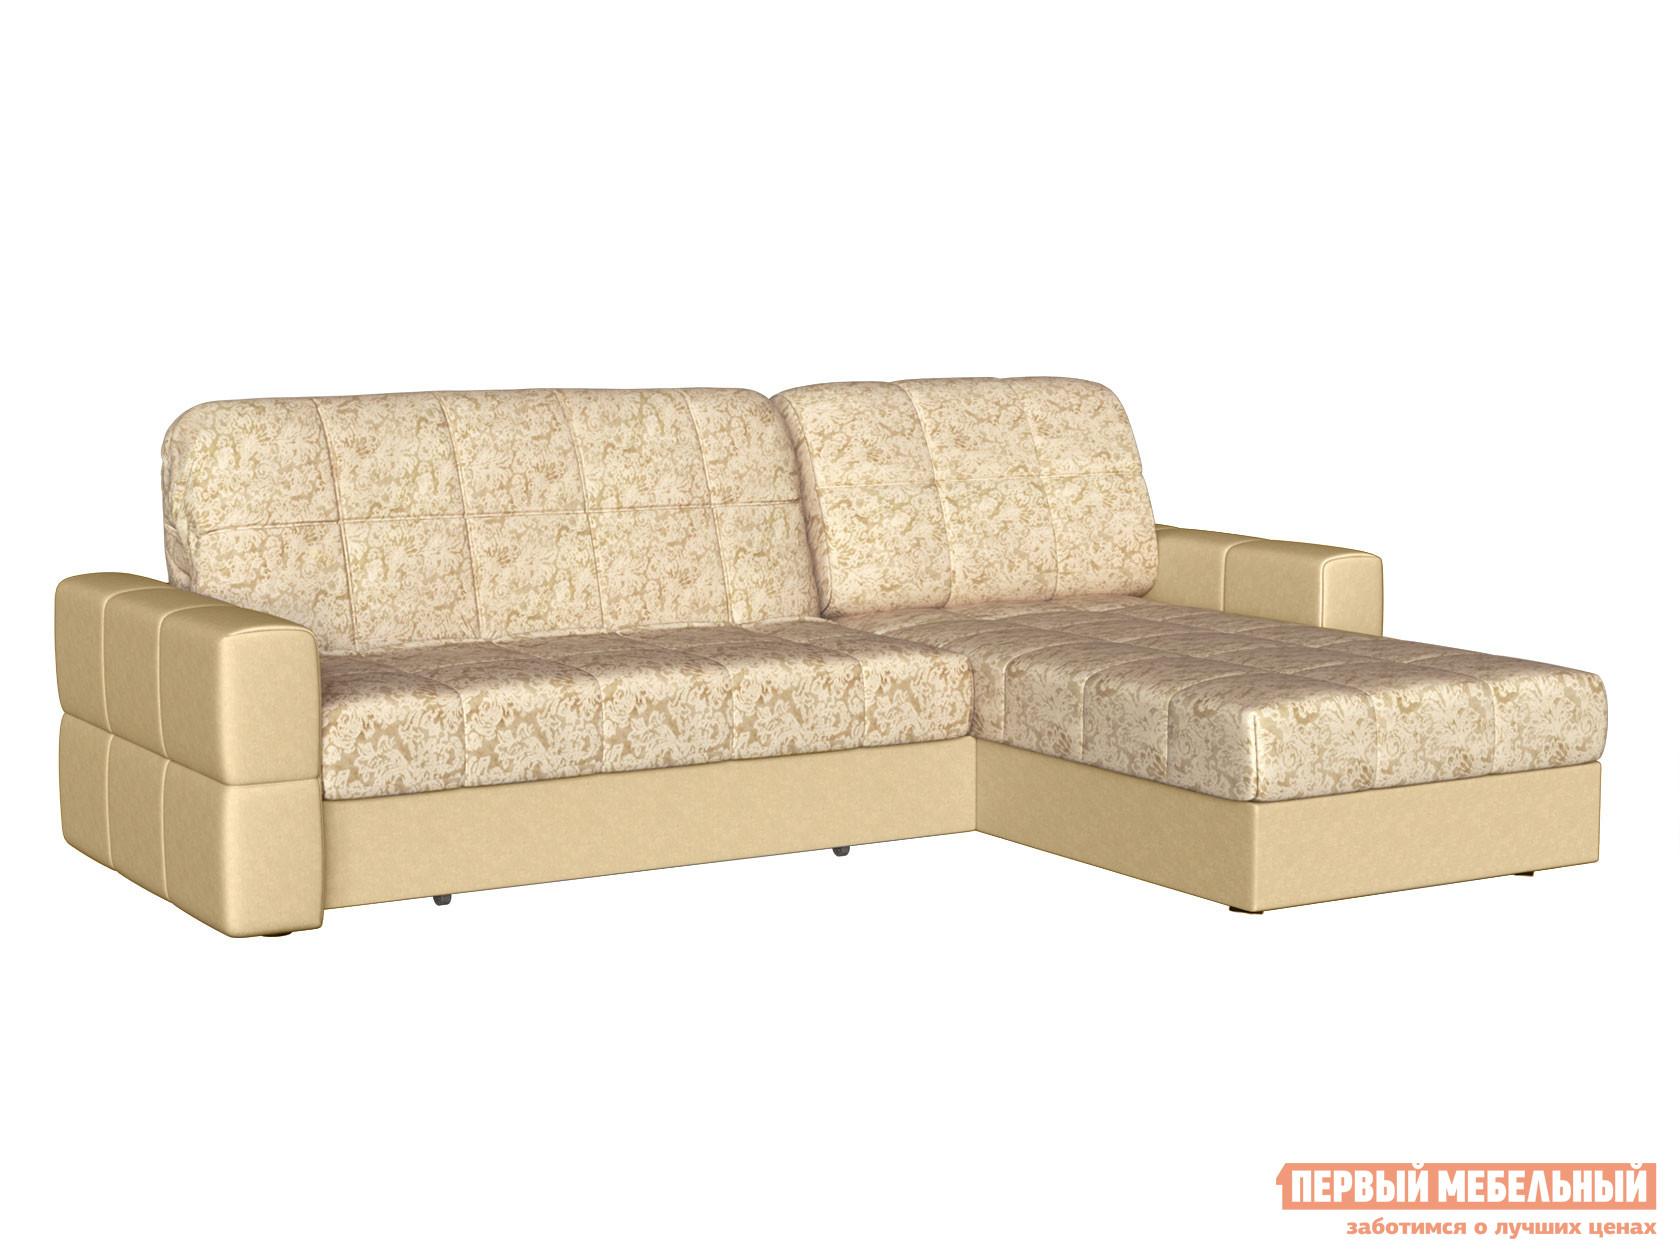 Угловой диван Первый Мебельный Диван Марио с оттоманкой Люкс